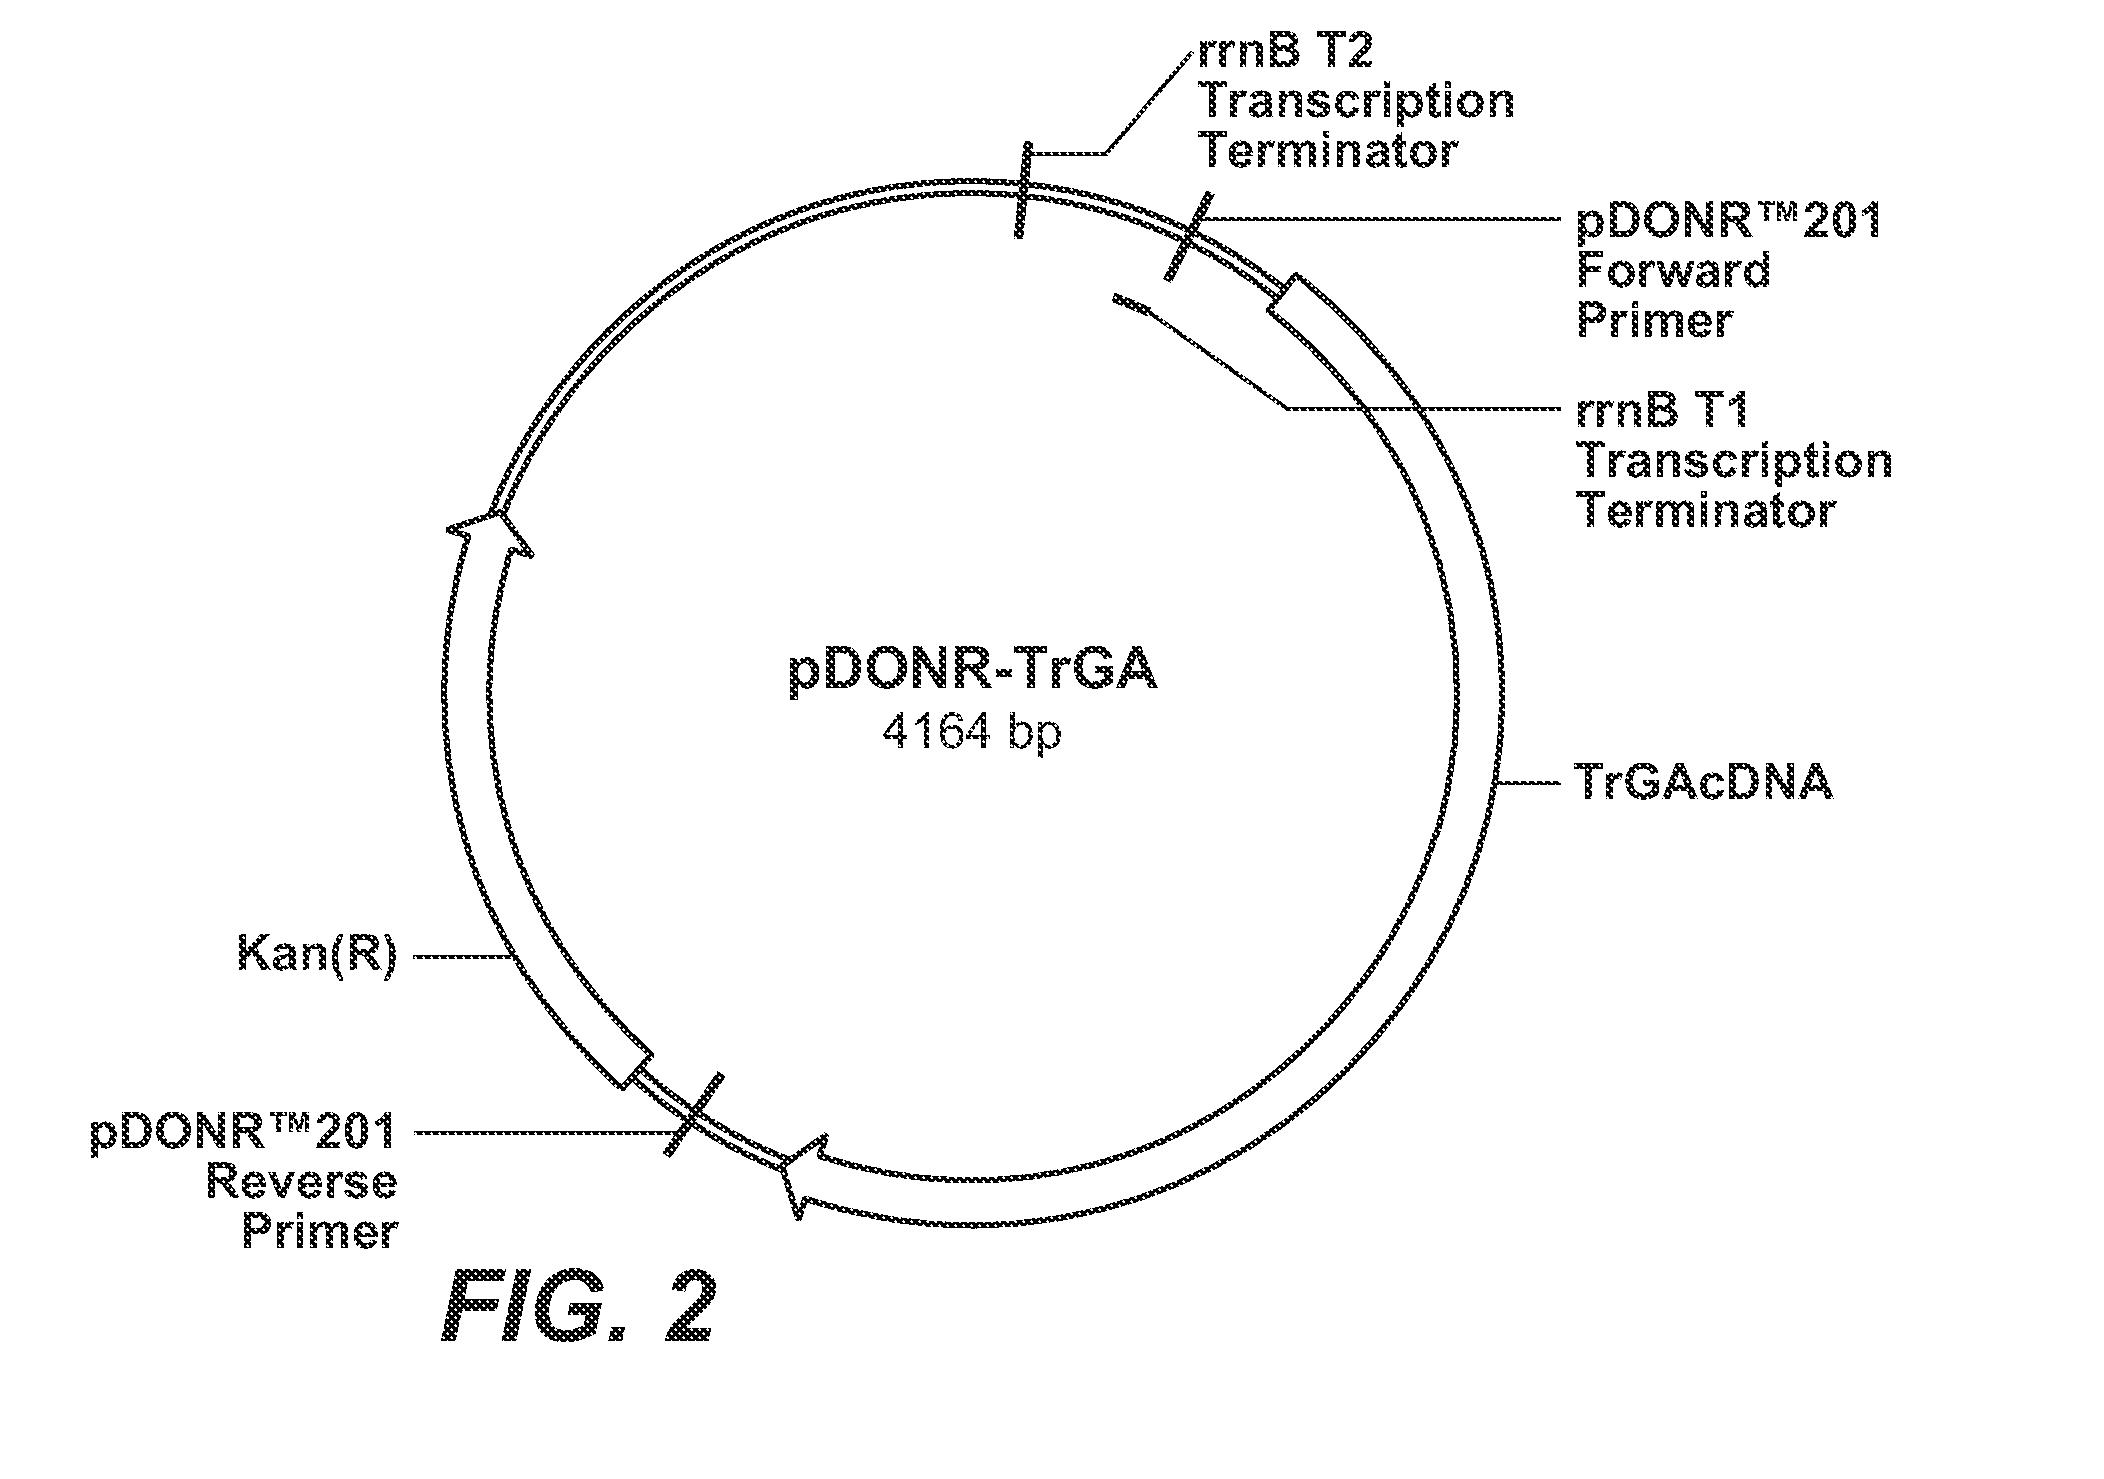 Onan Generator Wiring Diagram 611 1180. Onan Generator ... on